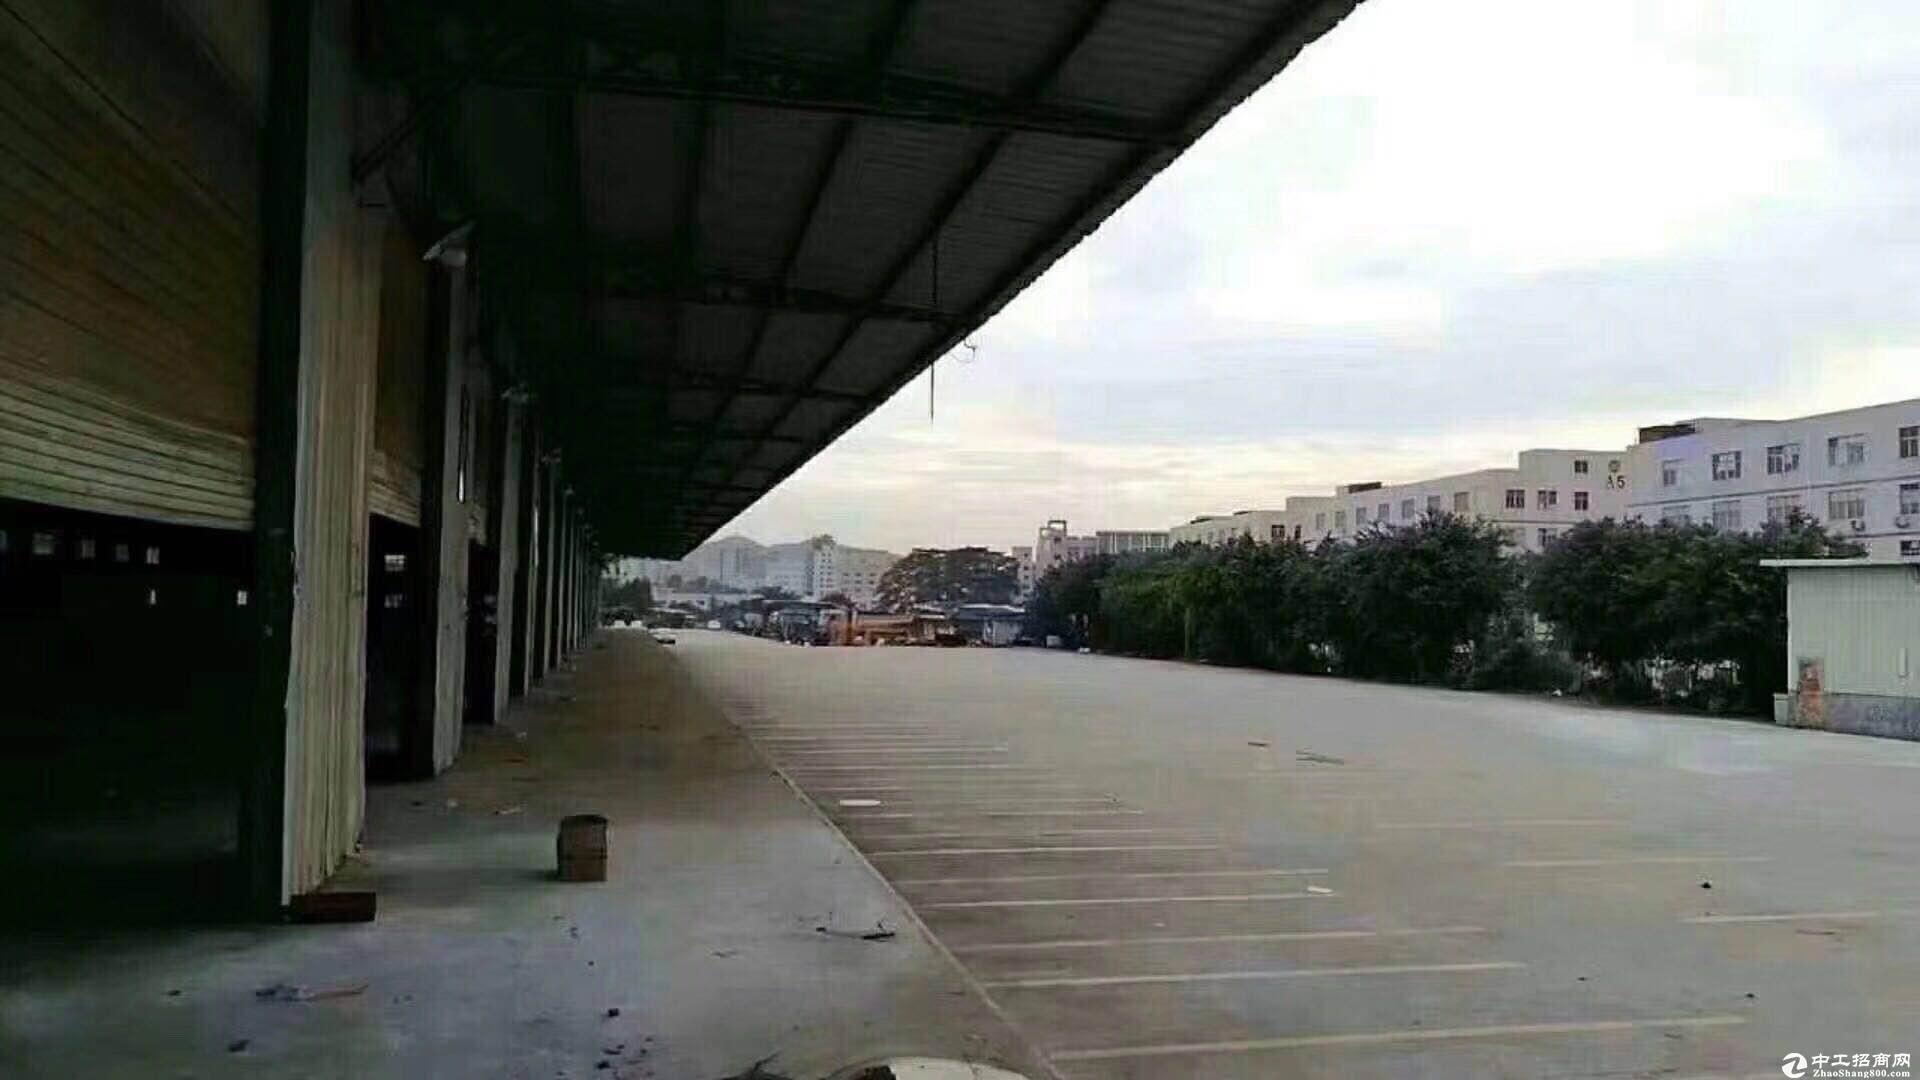 平湖海吉星附近新出大型物流园22000平方厂房招租